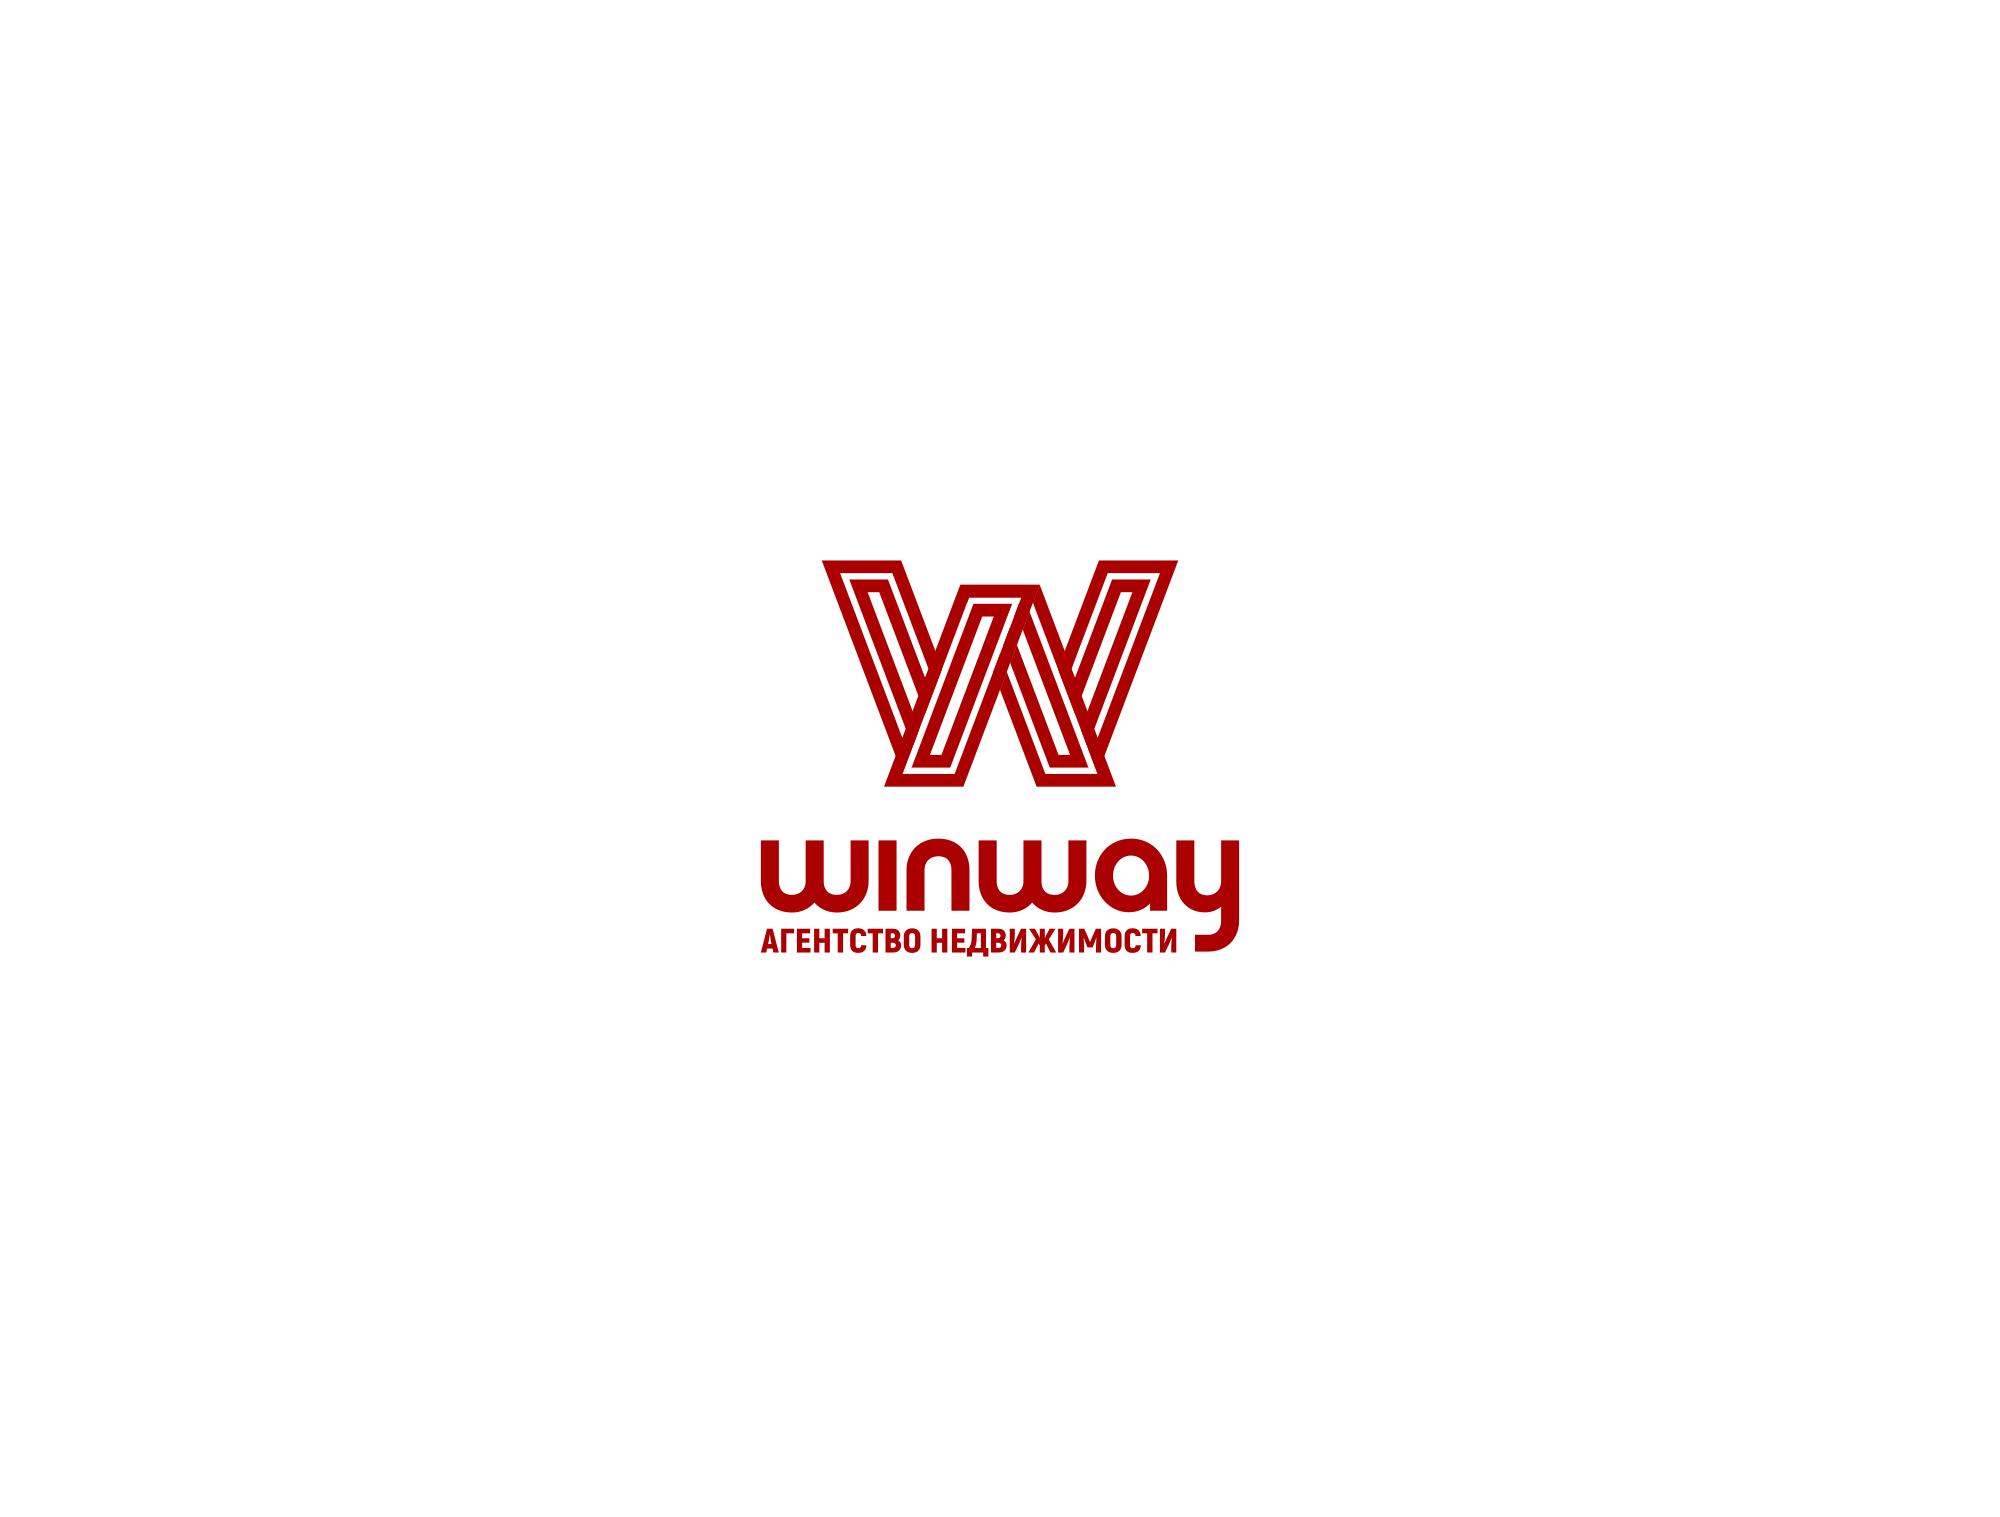 Логотип для агентства недвижимости фото f_9625aa9bbe048957.png